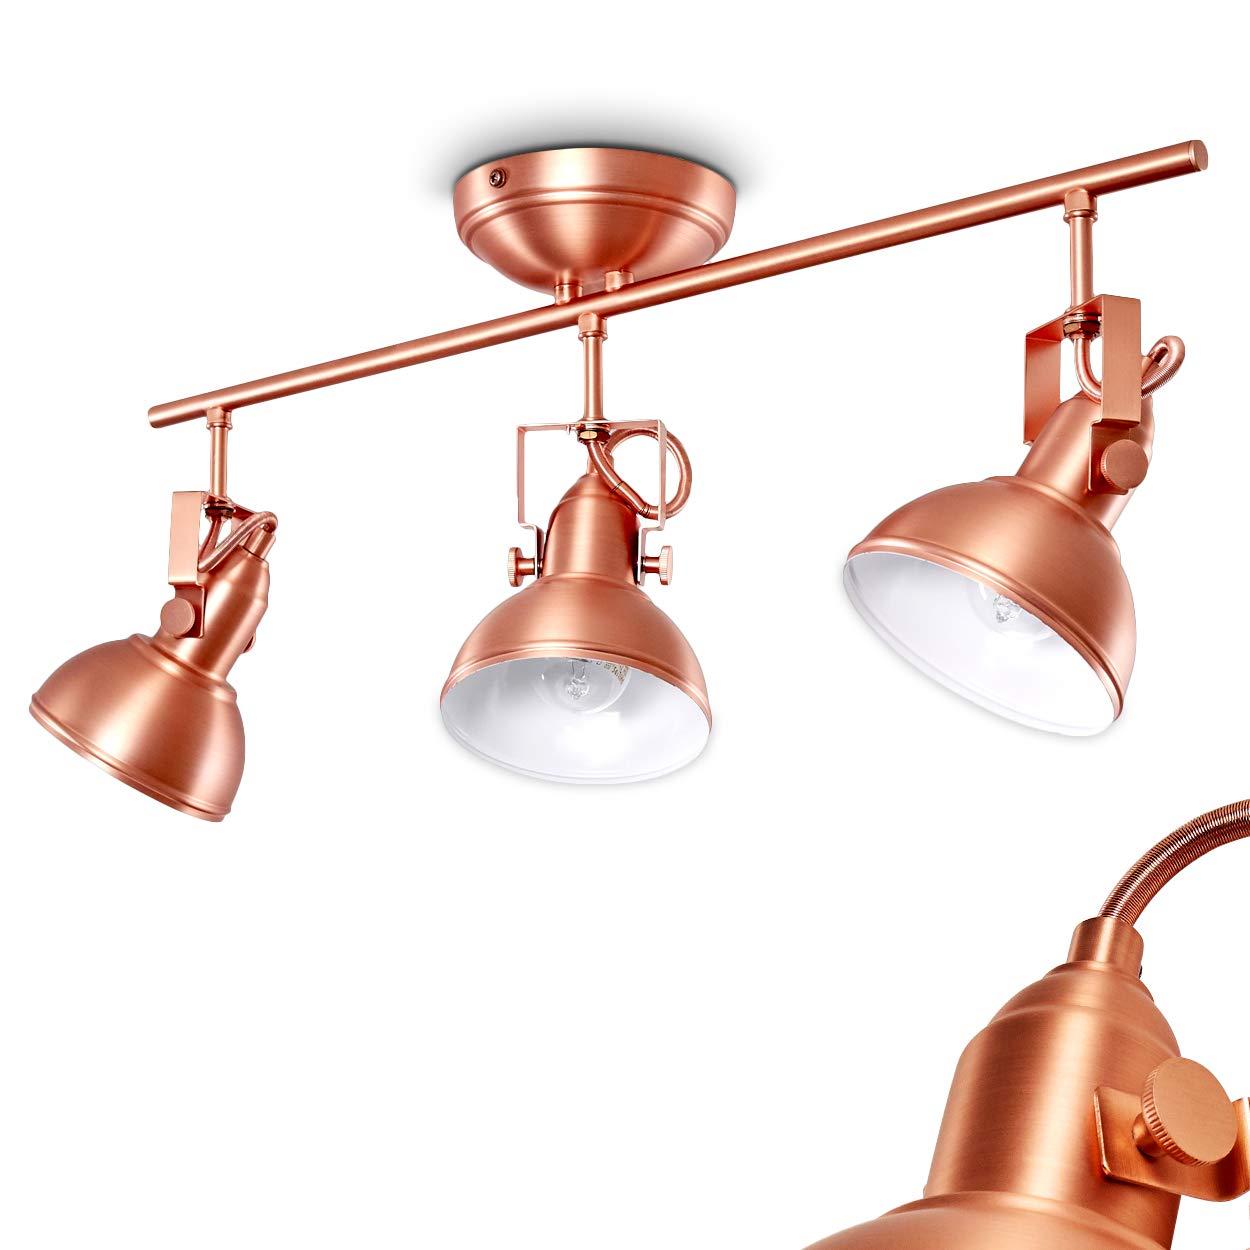 Deckenleuchte Tina, verstellbare Deckenlampe aus Metall in Kupfer Weiß, 3-flammig, Lampenschirm dreh- u. schwenkbar, 3 x E14-Fassung, max. 40 Watt, Spot im Retro-Design, für LED Leuchtmittel geeignet